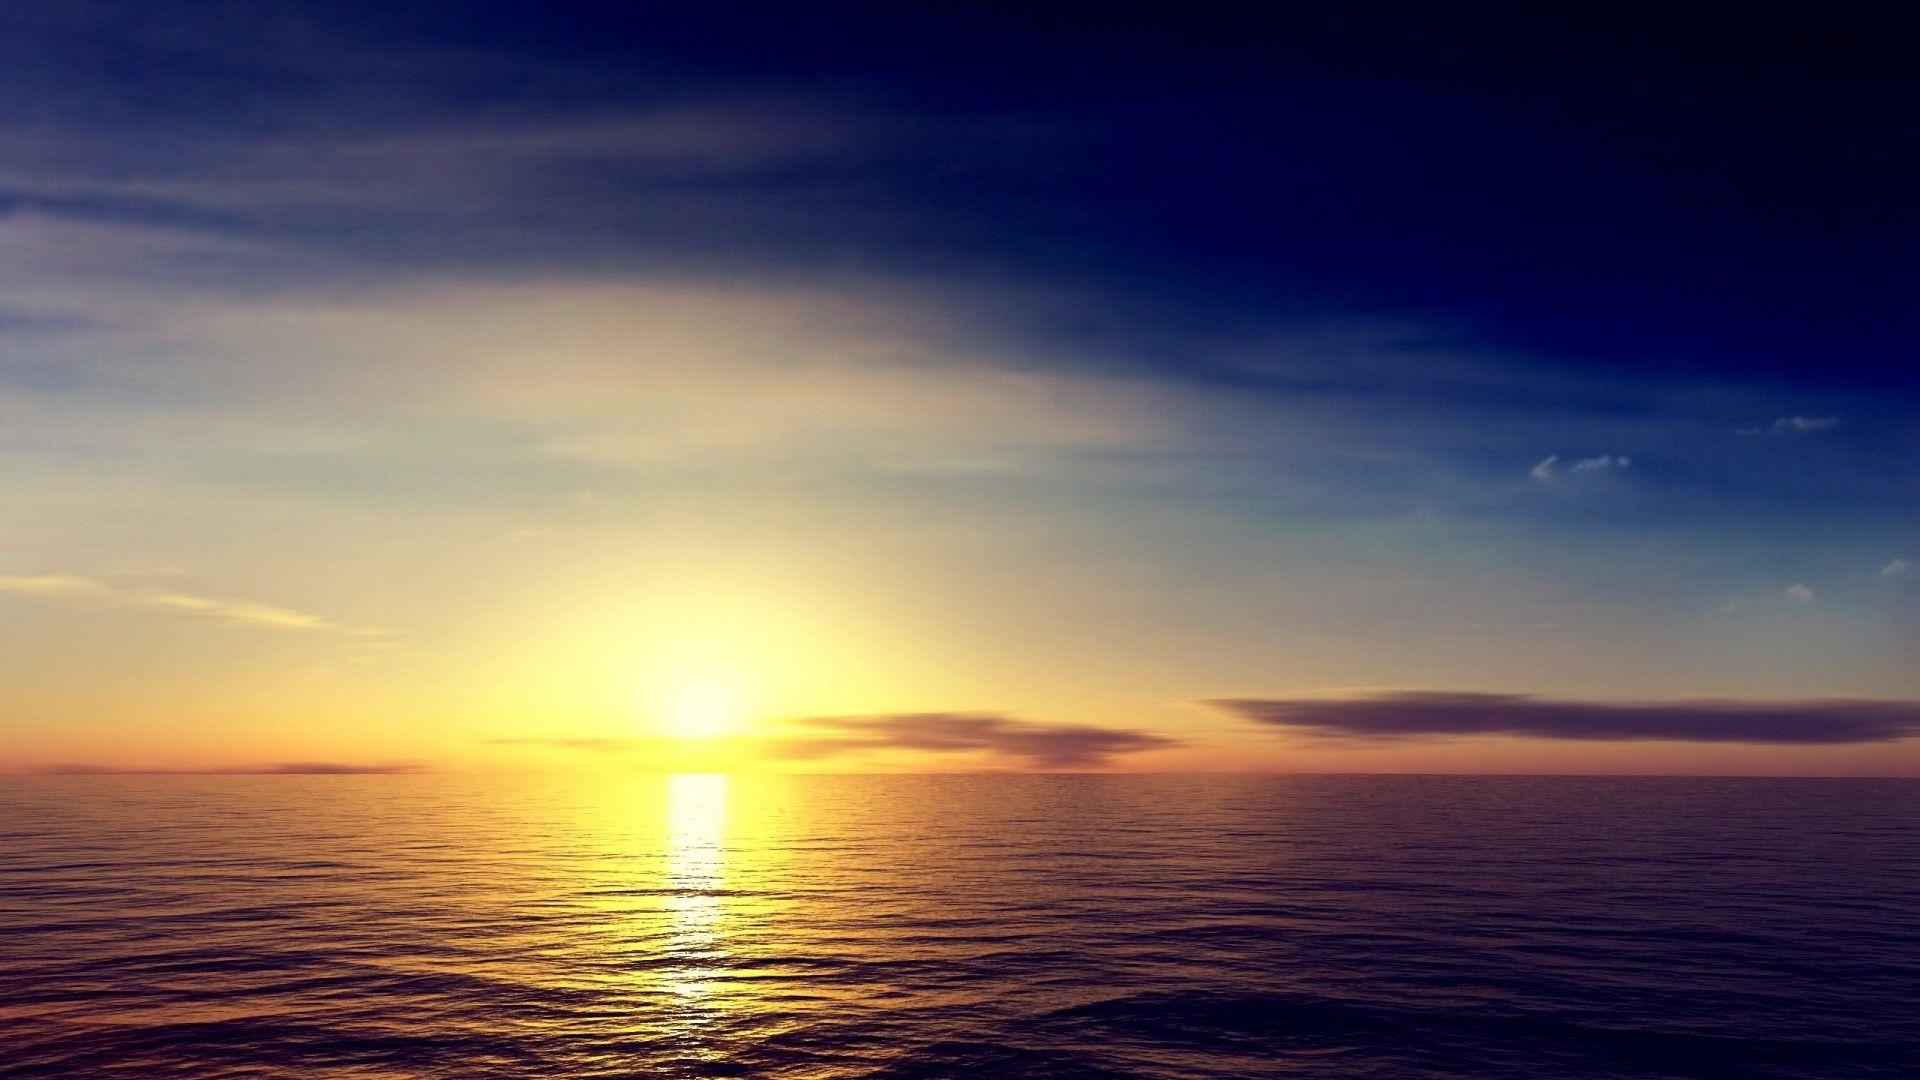 image of sunrise and sunset